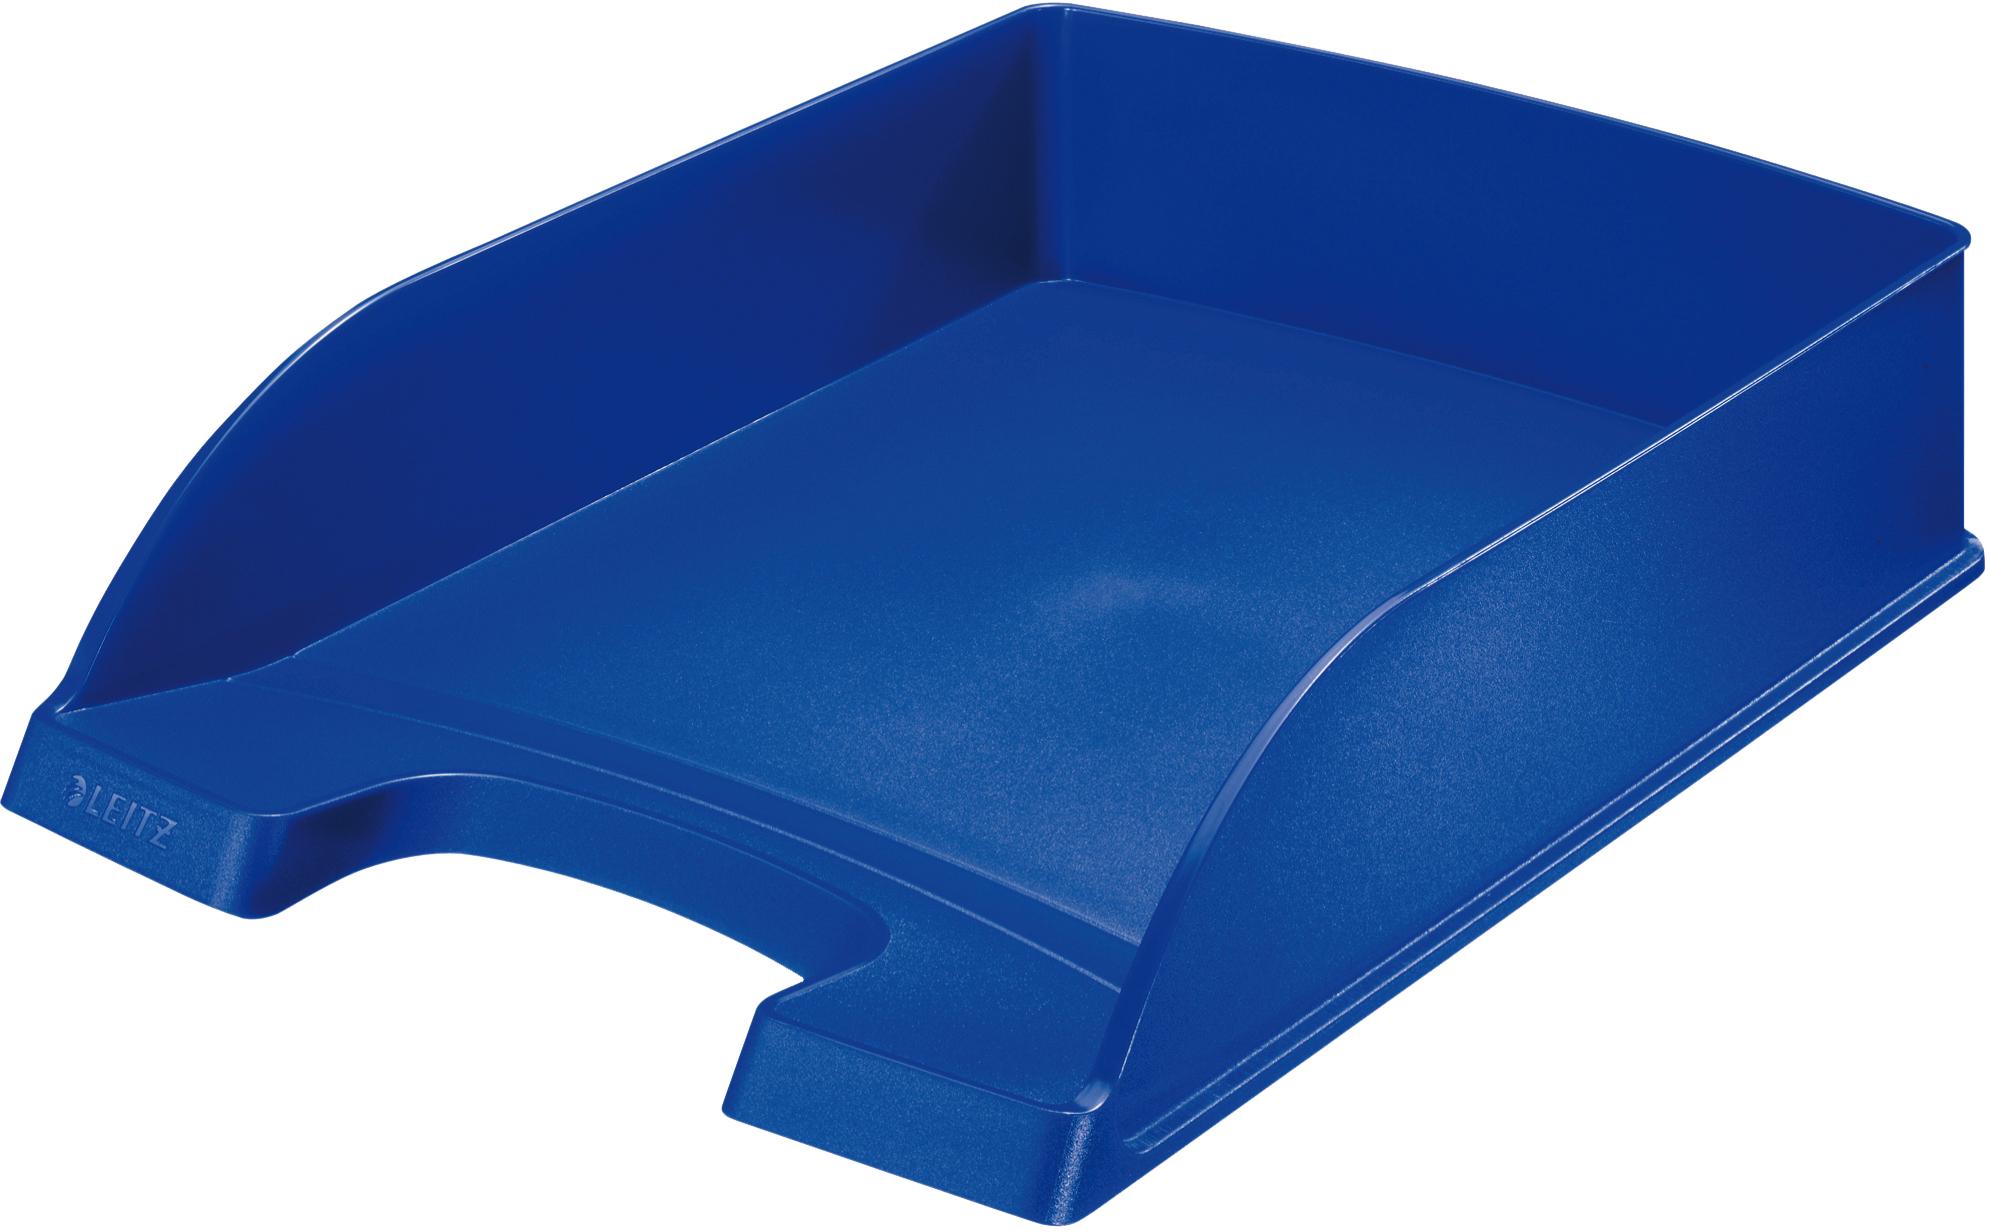 Blauer Leitz Briefkorb Plus für A4 aus Polystyrol, senkrecht oder versetzt stapelbar